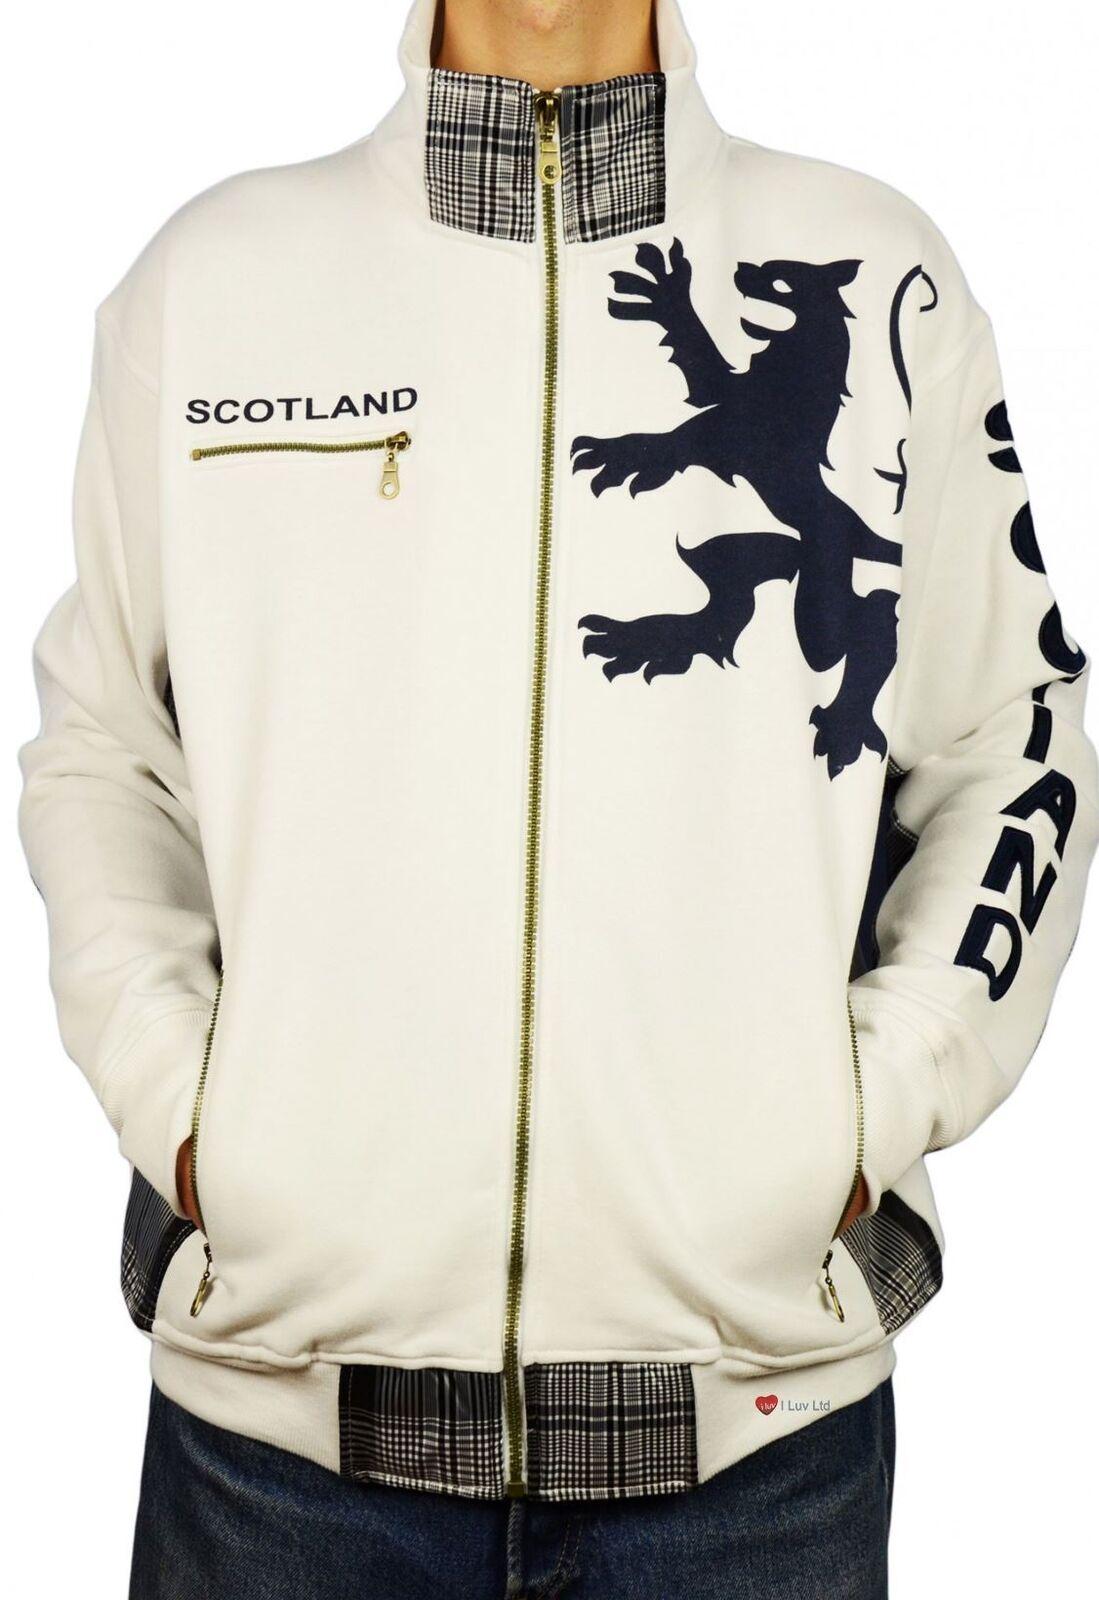 herren Zipper Top Scotland Lion Tartan Insert Weiß Größe klein